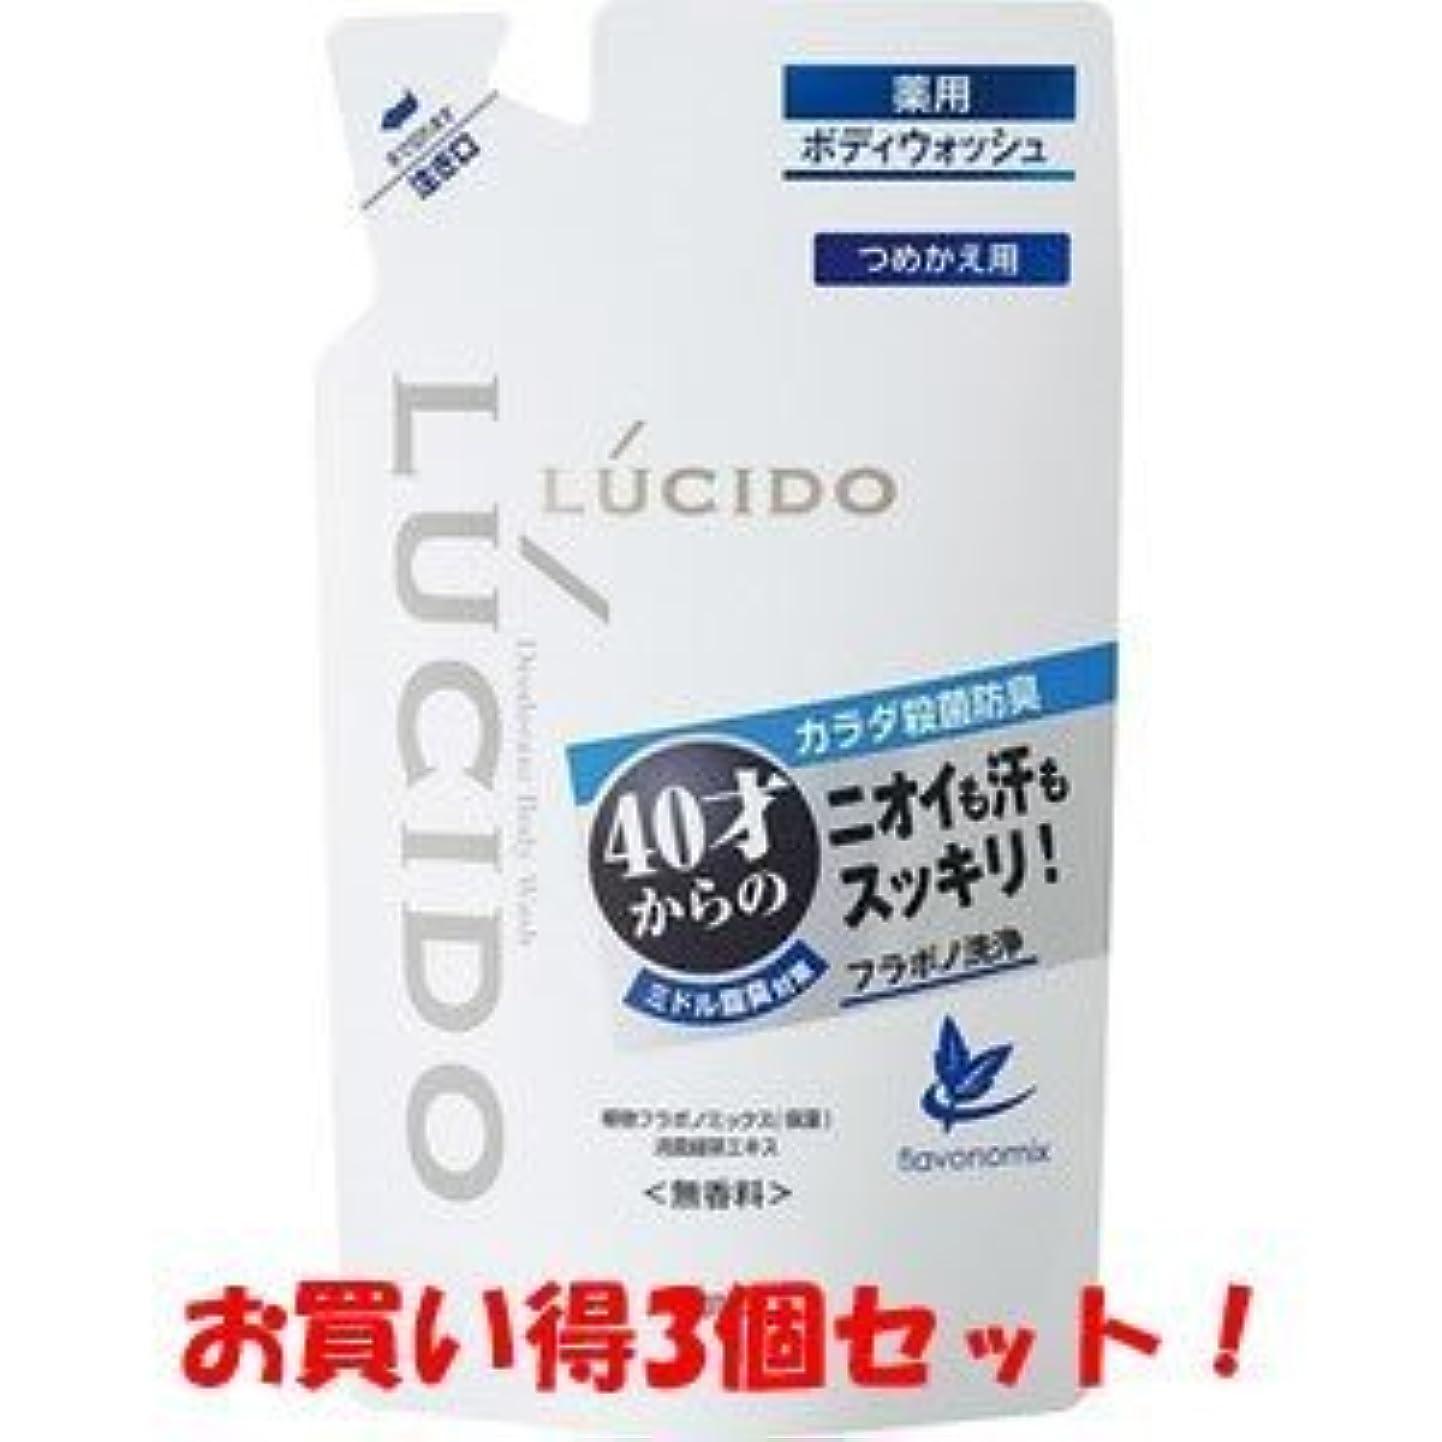 凍るスペルシャーク【LUCIDO】ルシード 薬用デオドラントボディウォッシュ つめかえ用 380ml(医薬部外品)(お買い得3個セット)